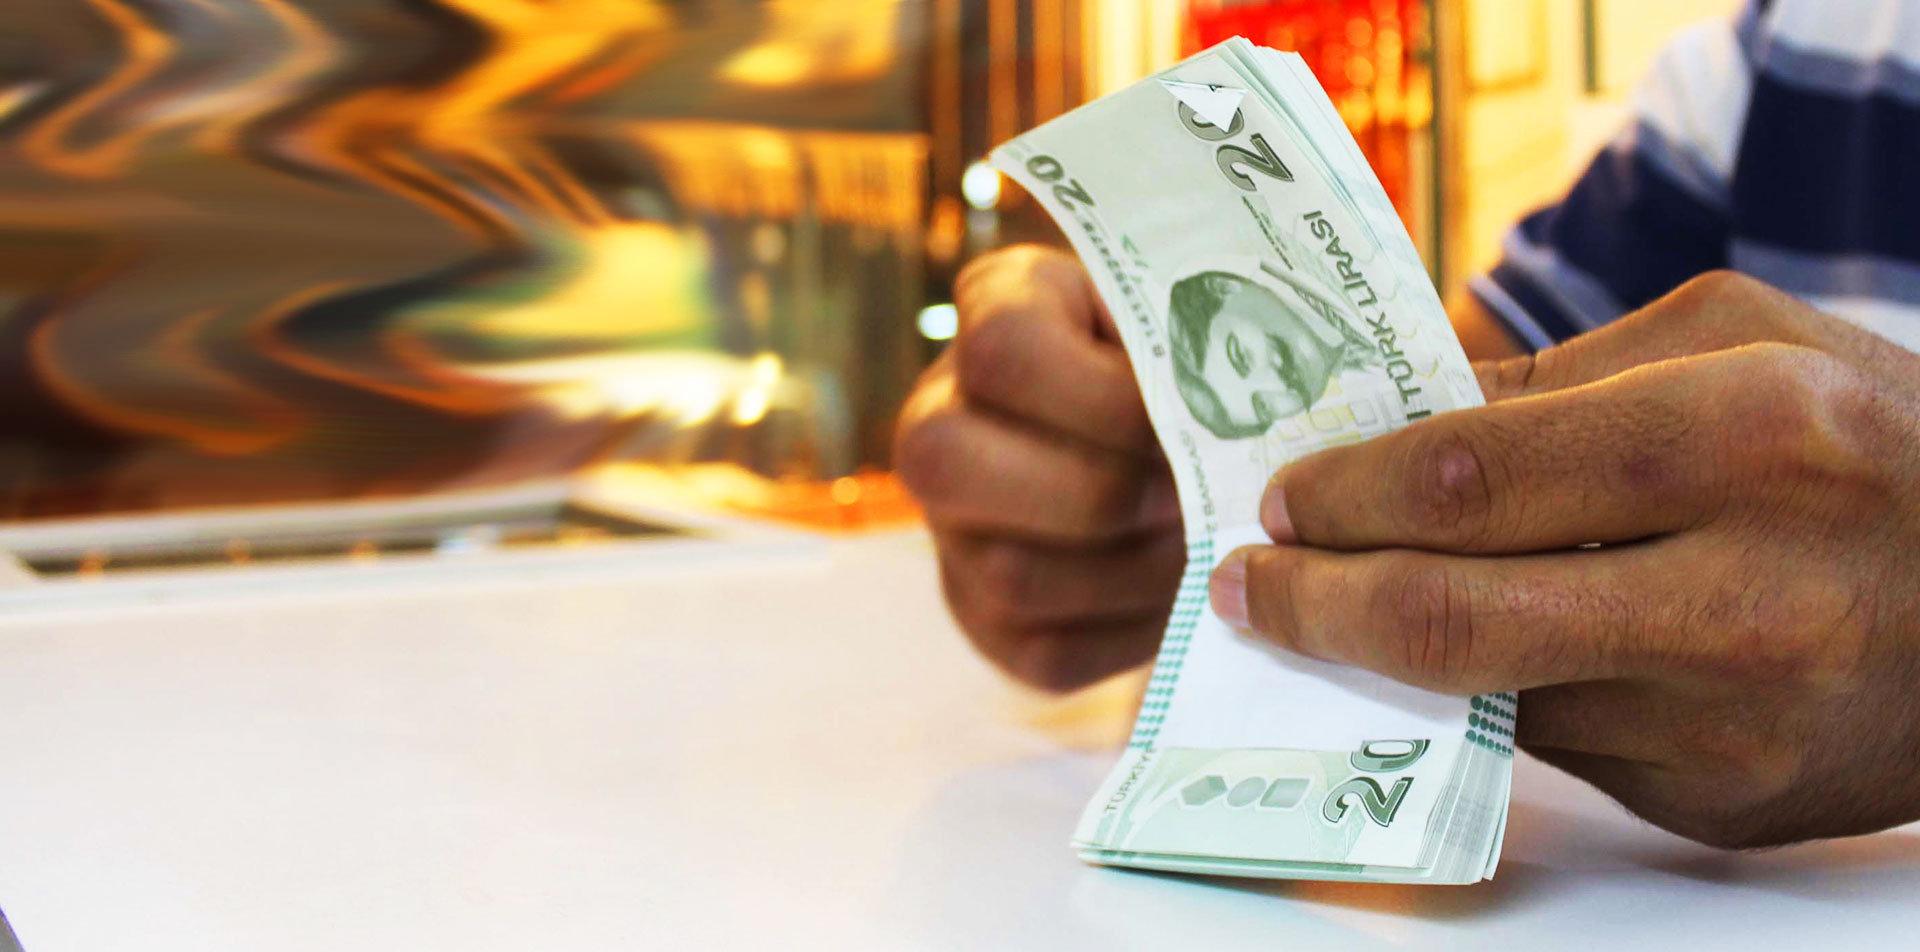 Evden Çalışanlara Banka Kredi Verir Mi?